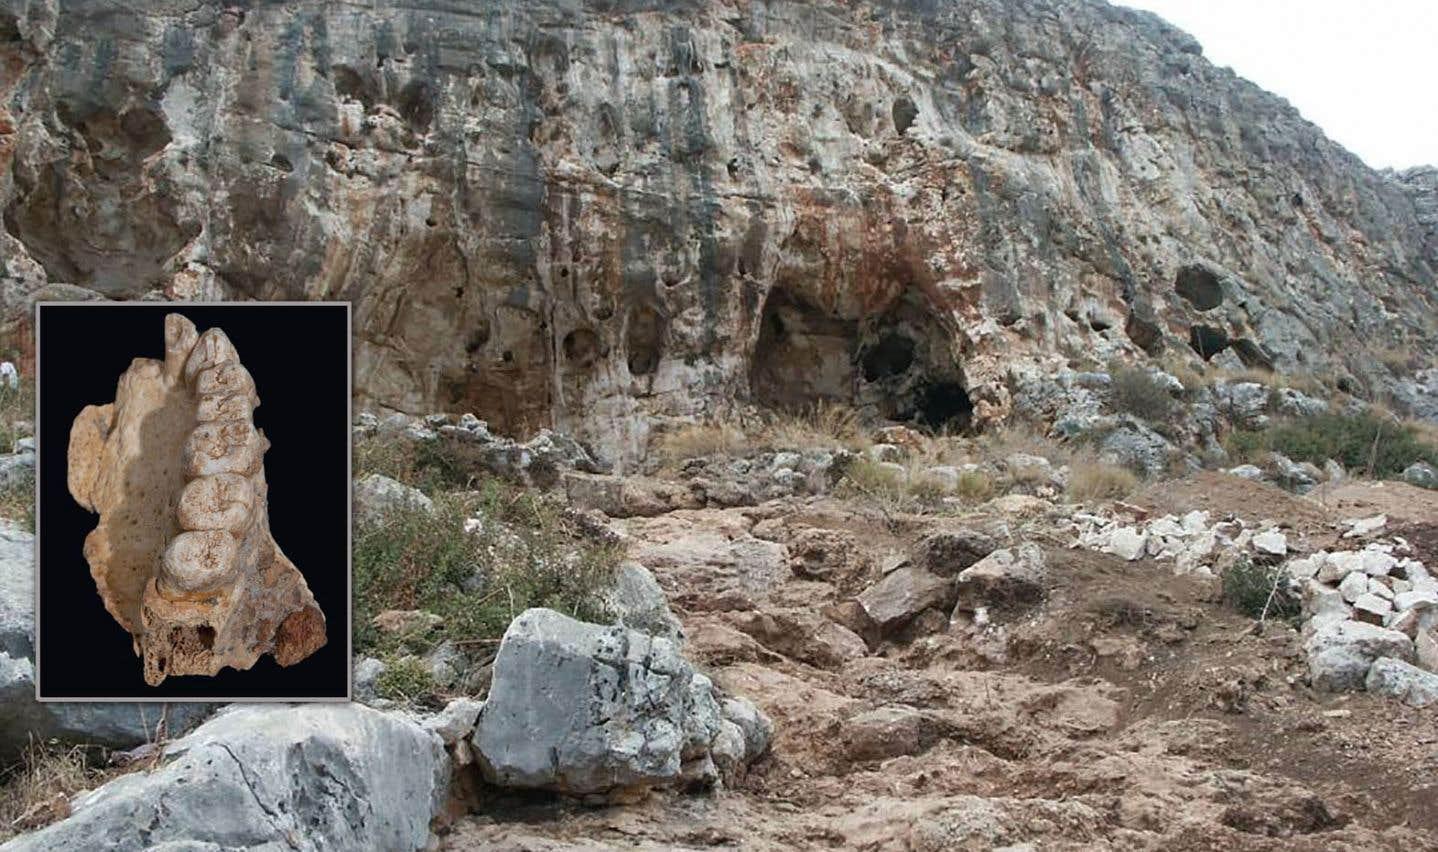 La découverte d'un fragment de mâchoire en Israël apporte un nouvel éclairage sur les croisements de l'homme avec d'autres espèces.